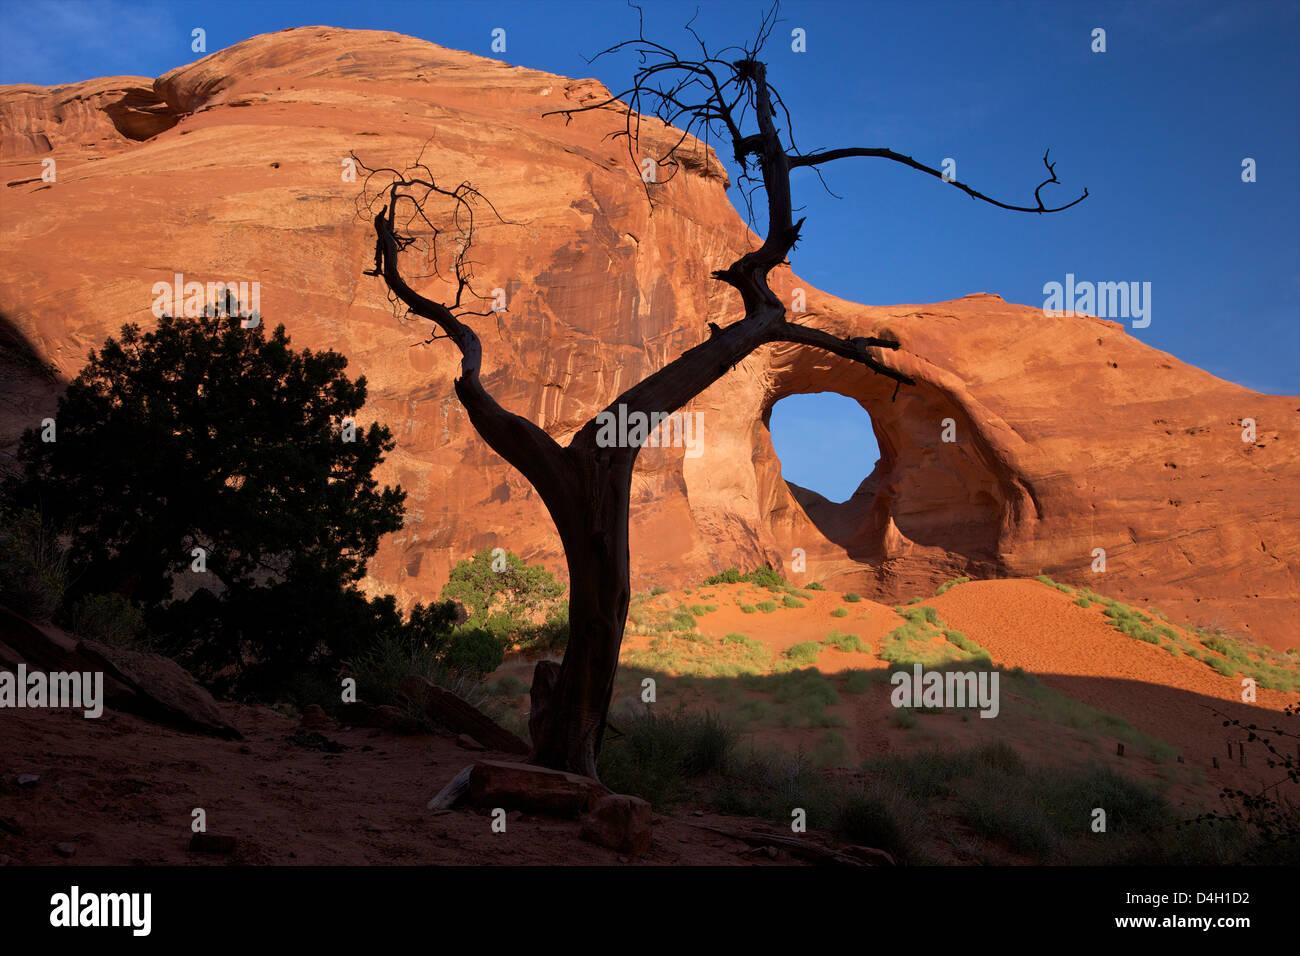 Juniper marcos árbol muerto oído del viento Arco, Monument Valley Navajo Tribal Park, Utah, EE.UU. Imagen De Stock